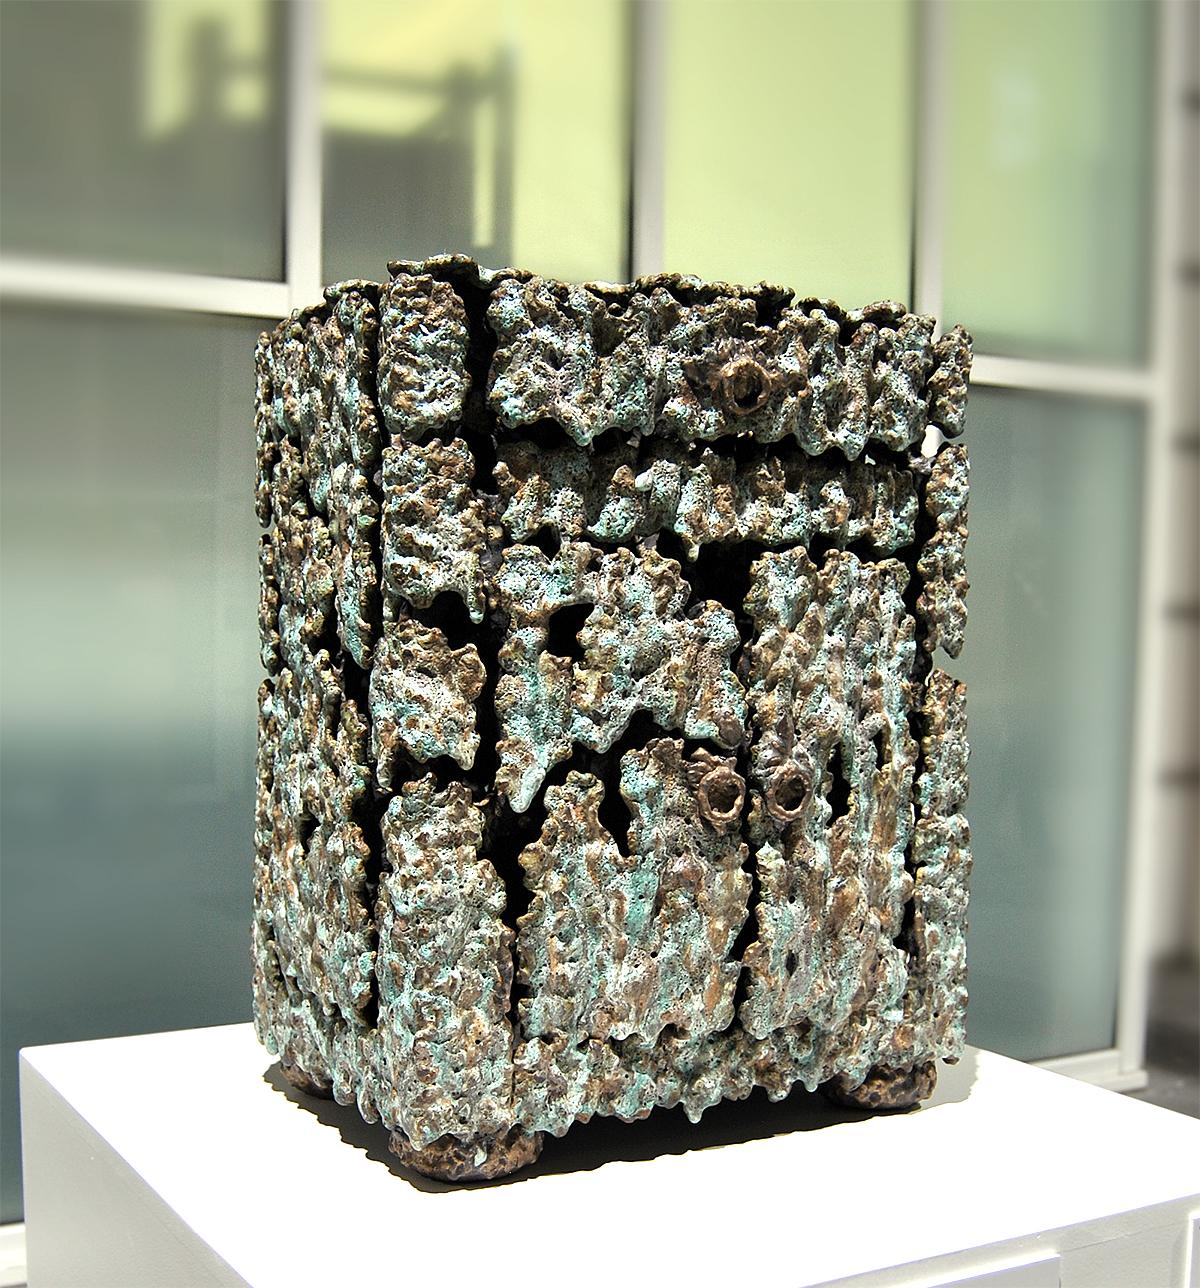 Escultura cerámica de Sunbin Lim